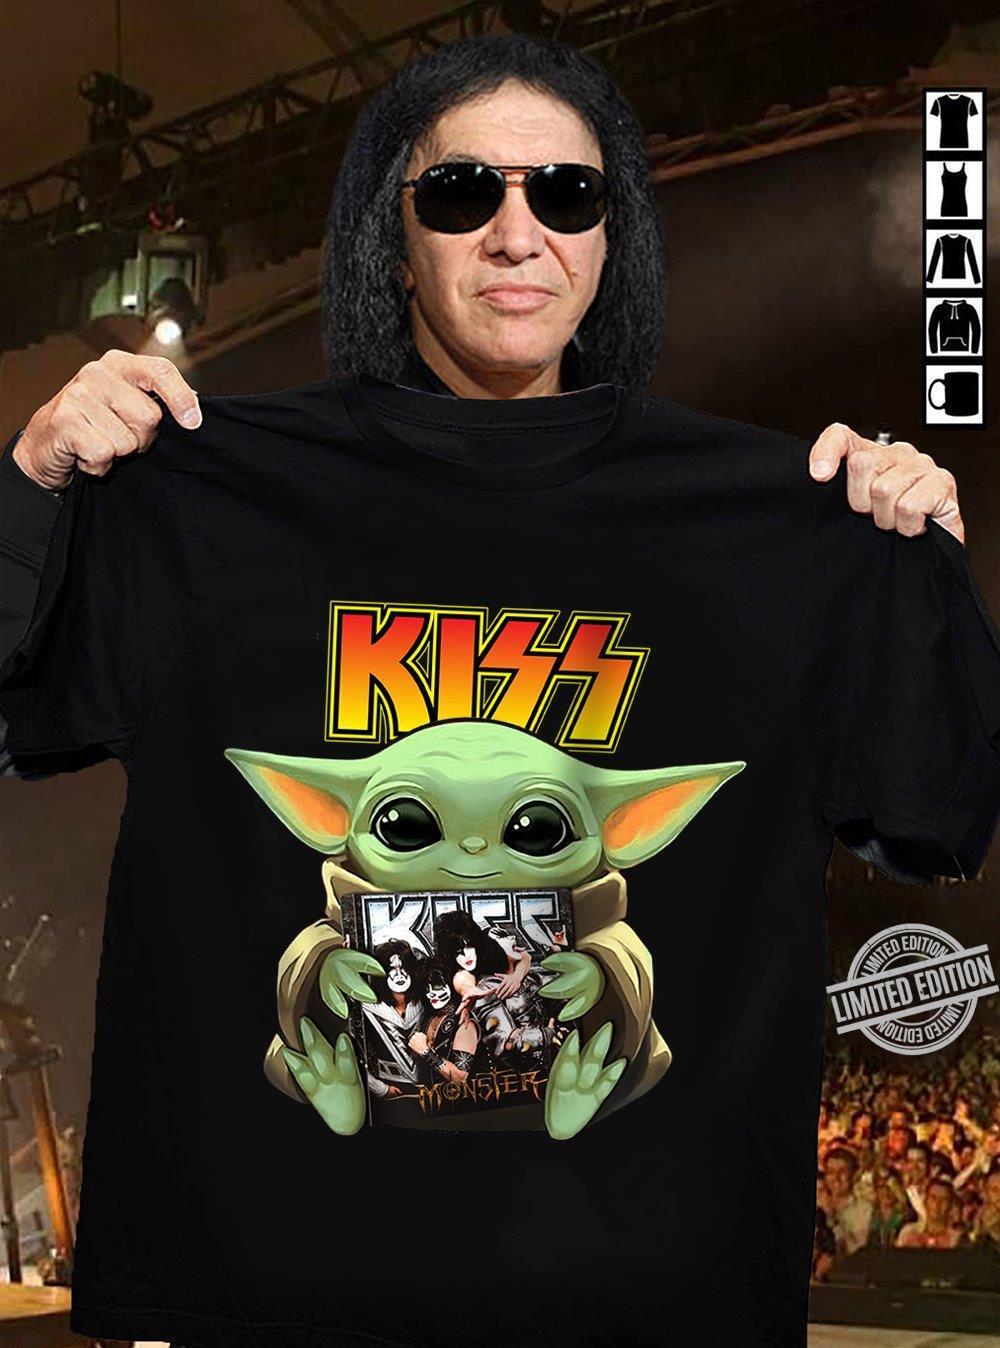 Baby Yoda Hug Kiss Monster Shirt